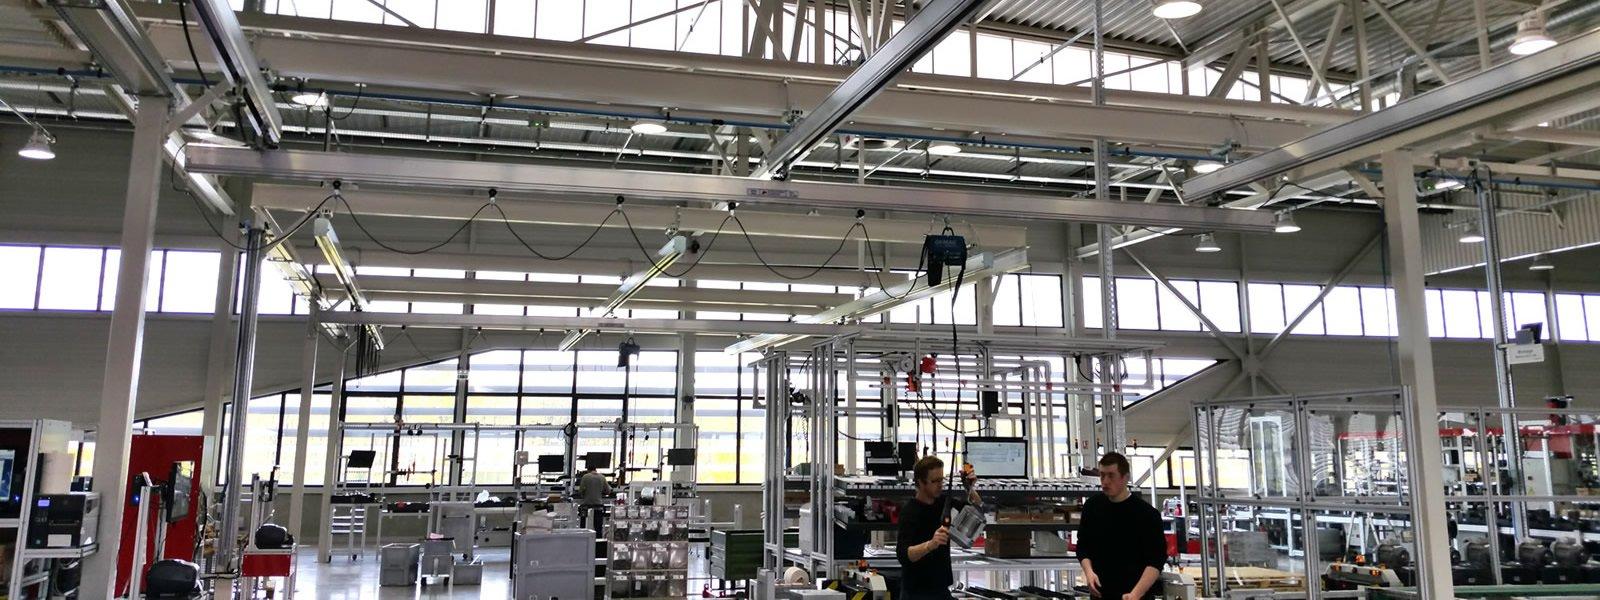 Poutre roulante aluminium ATS Group, Appalette Tourtellier Systèmes, ATS Conveyors India, HERO Fördertechnik, installée chez Endress & Hauser en France